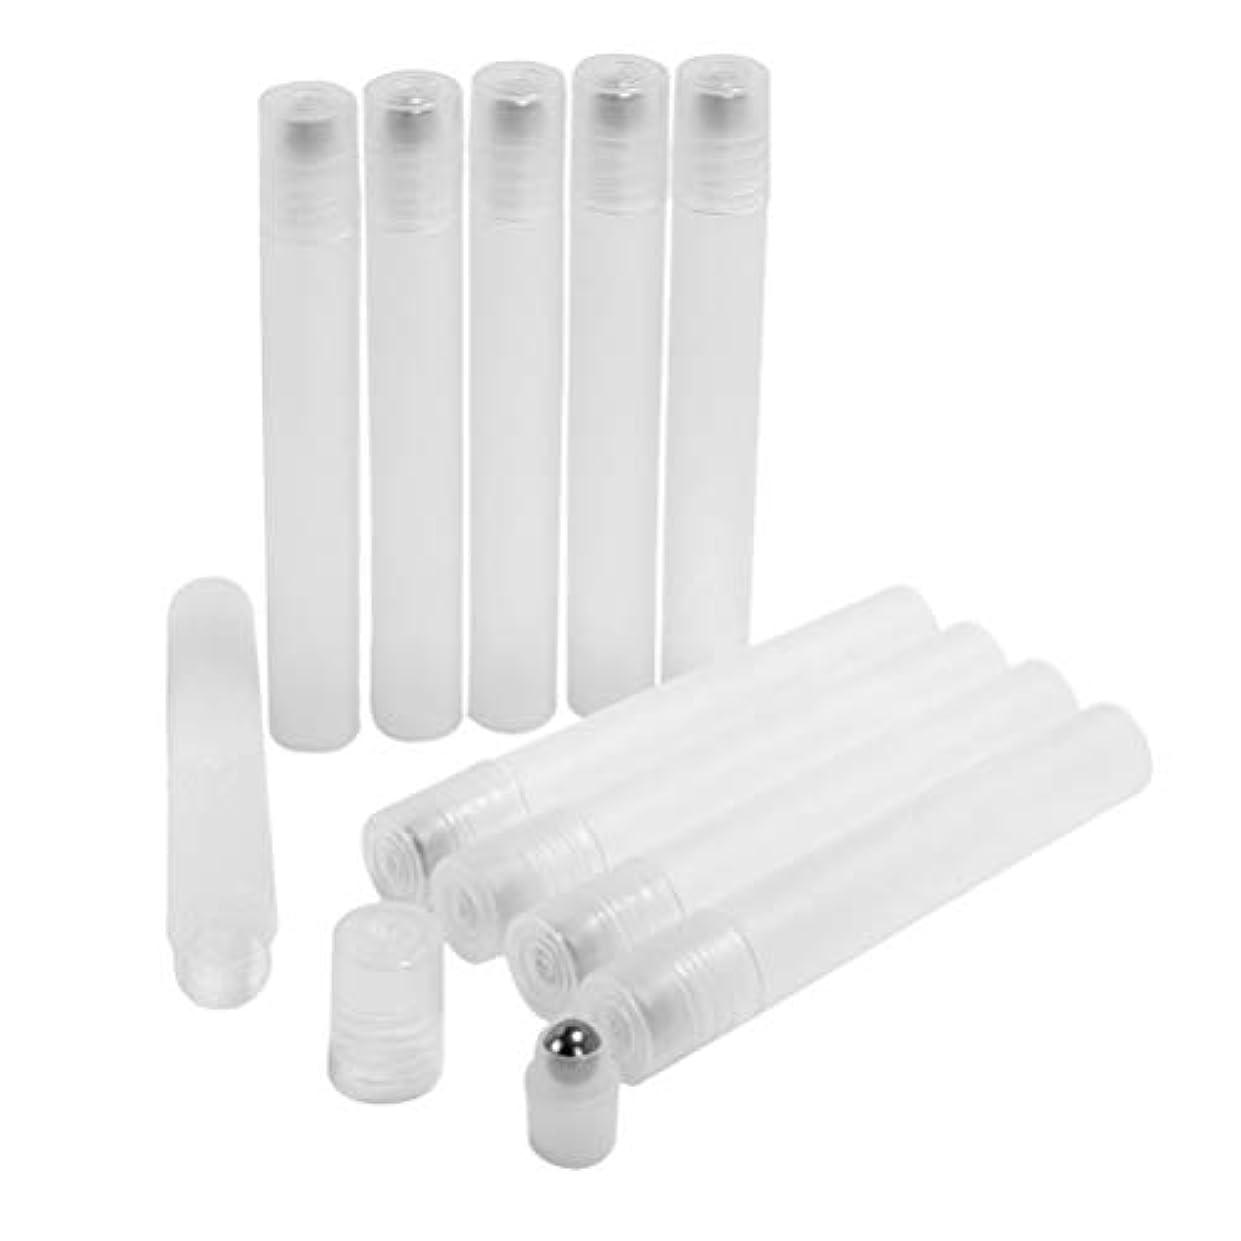 ラジウムリッチ自分Frcolor ロールオンボトル 10ml ロールタイプ 精油 香水 小分け用 多機能 アロマボトル 保存容器 10本セット 透明